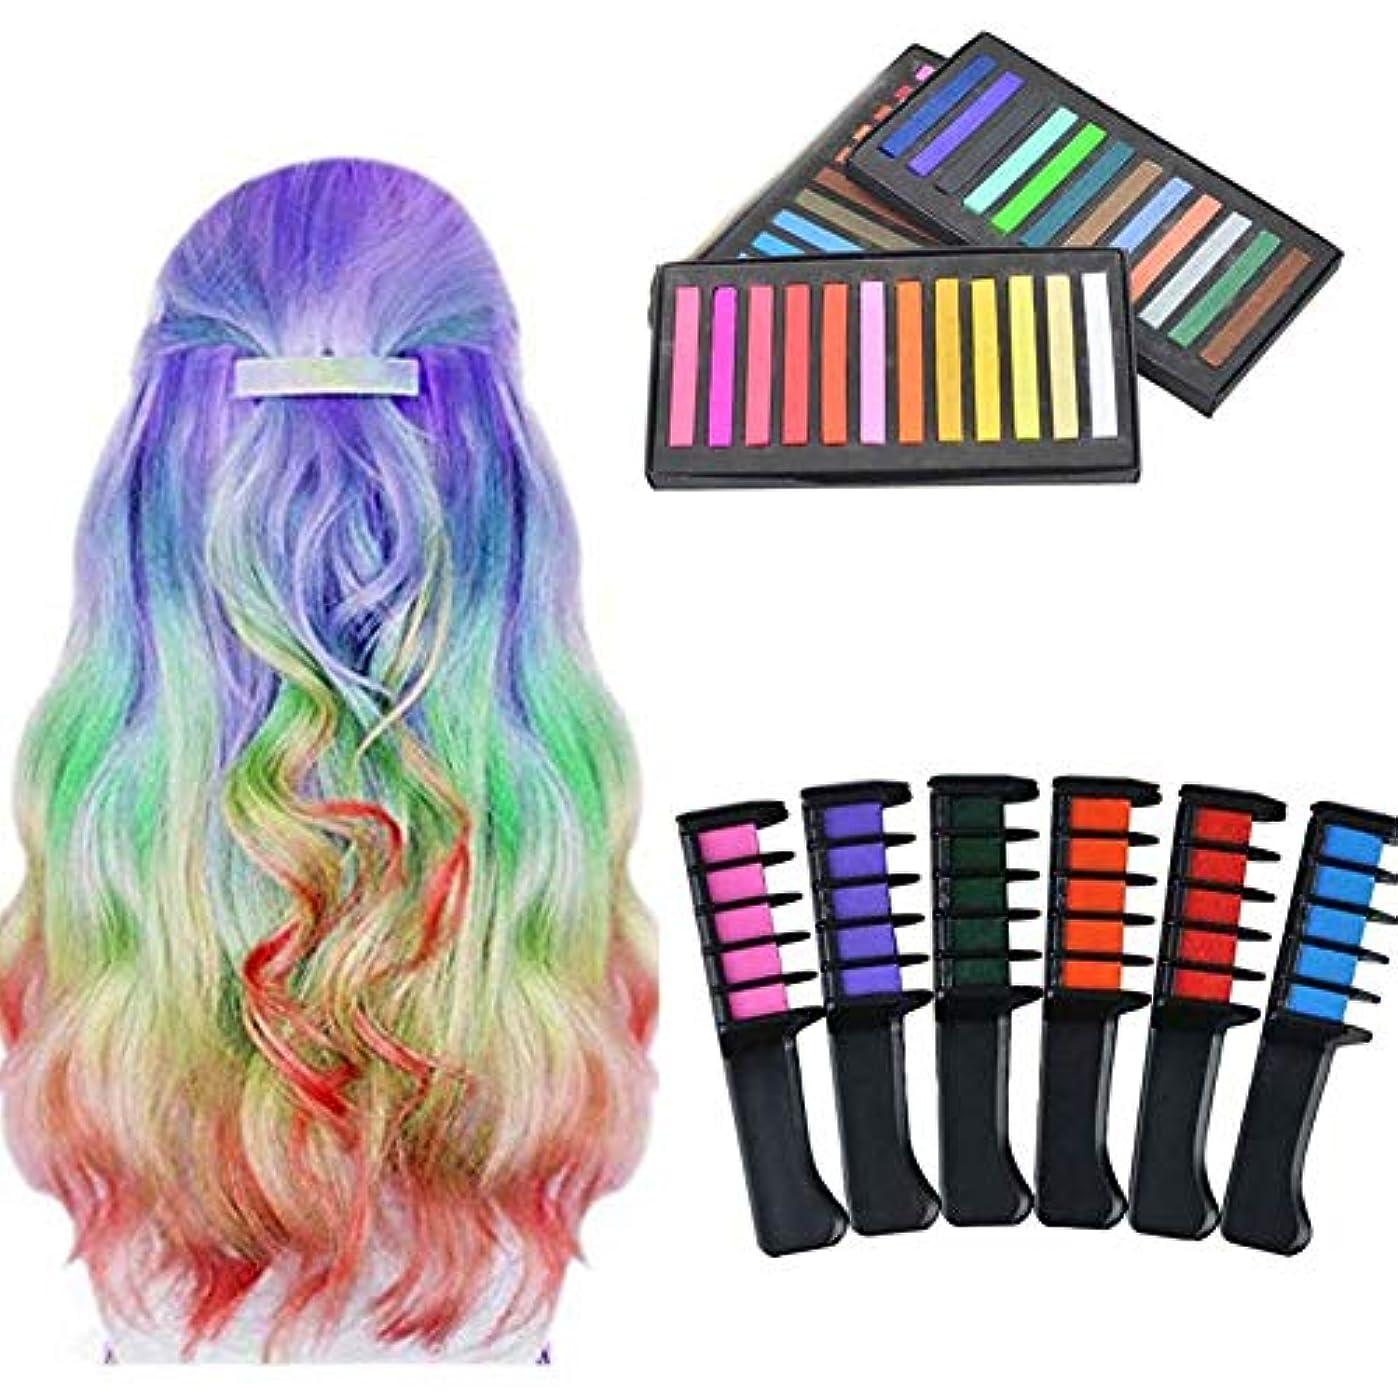 クスクス死傷者乱気流キッズパーティー洗える髪染めペットキット(6色+ 36色ヘアスティック)のための髪染料チョーク櫛一時的な色